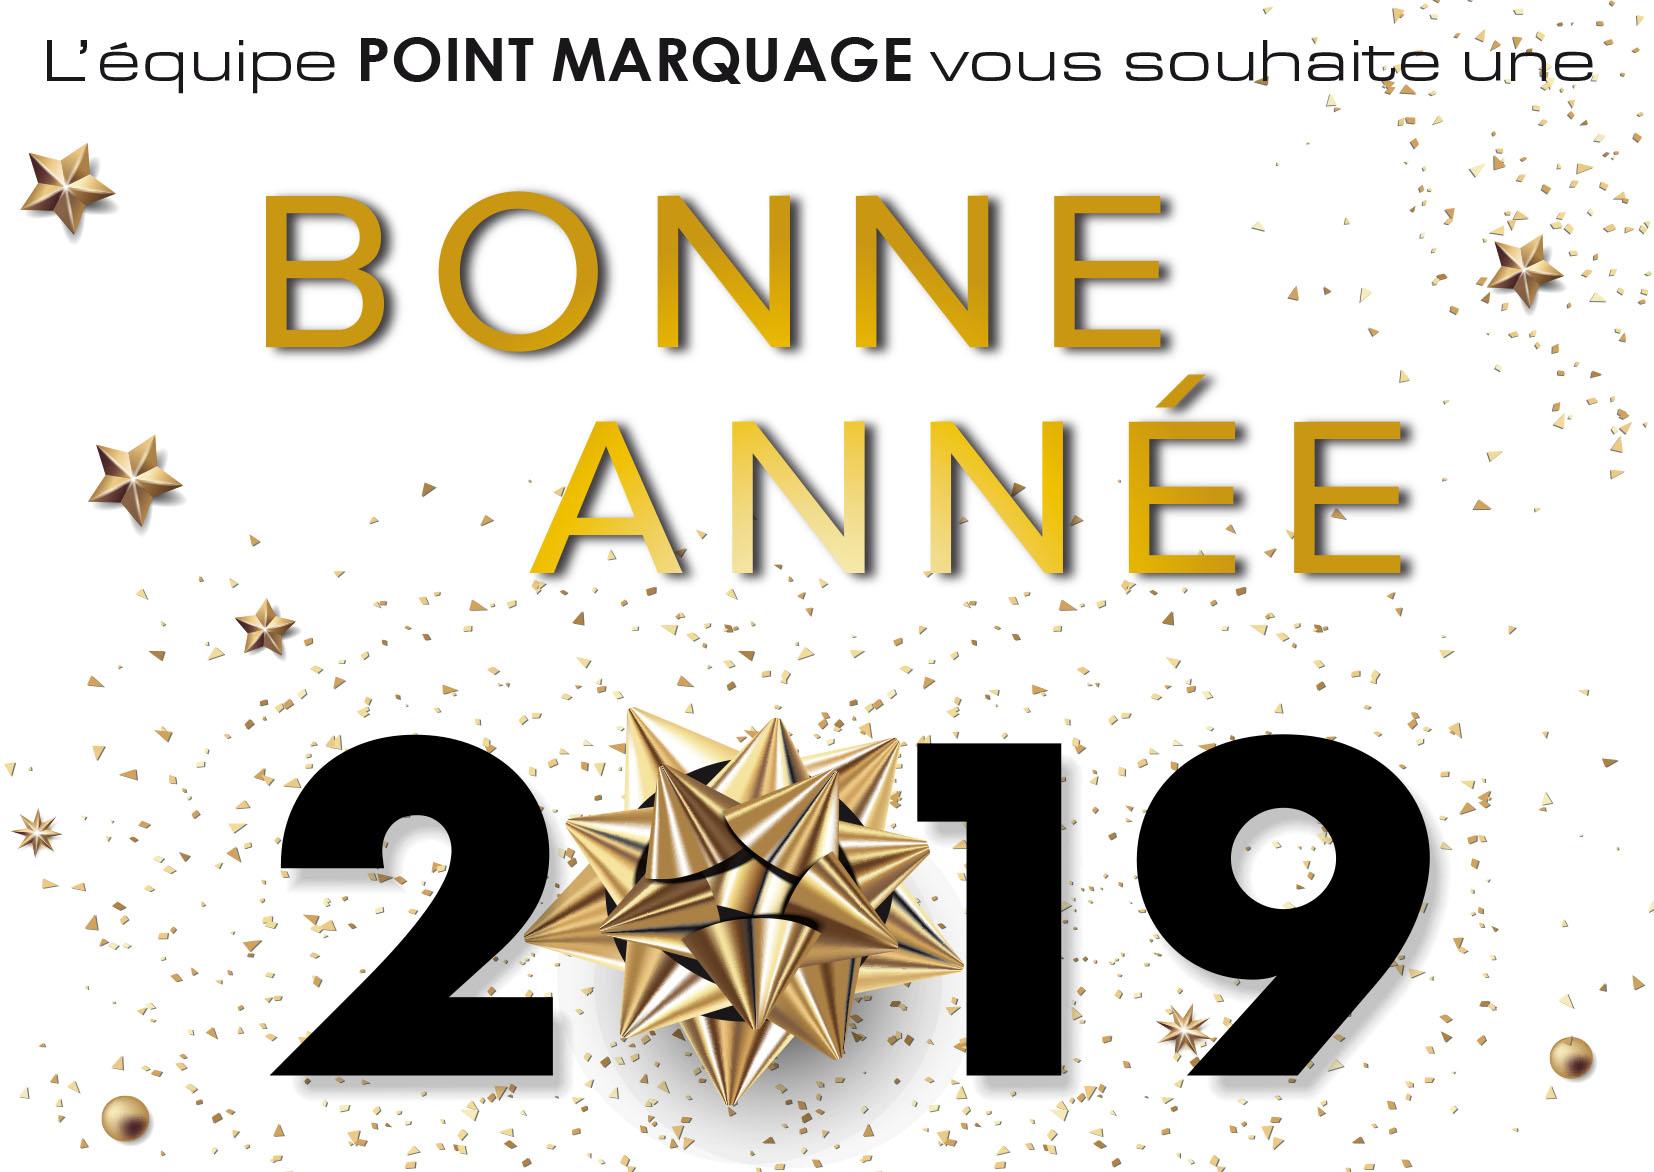 Toute l'équipe POINT MARQUAGE vous souhaite une Bonne Année 2019